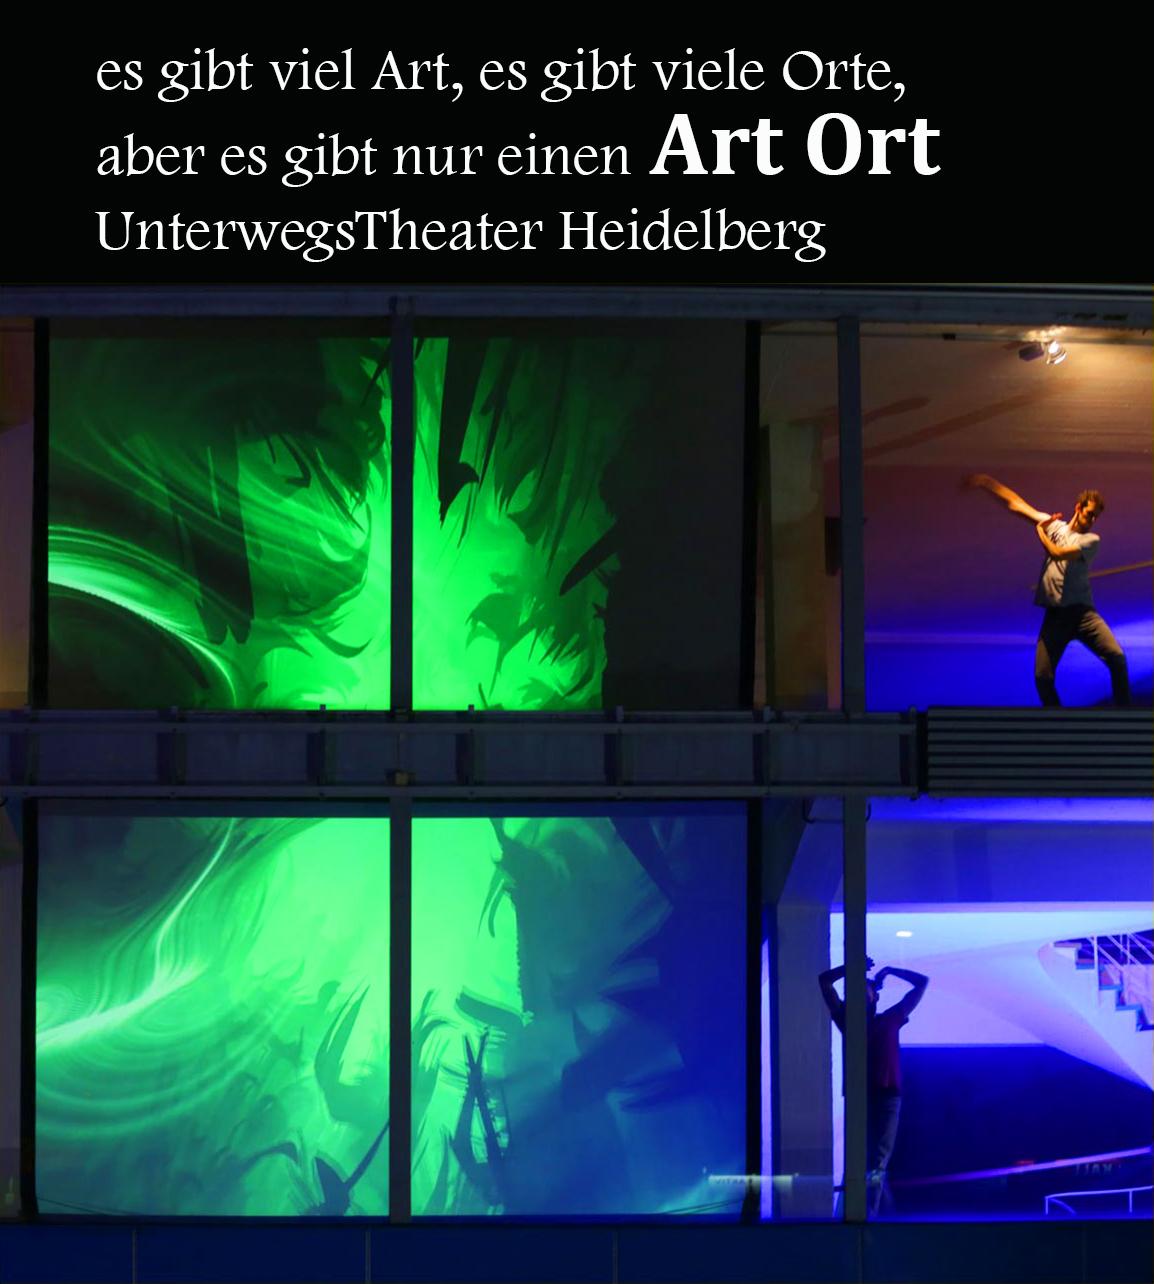 UT_artort021_Art-Ort-UT